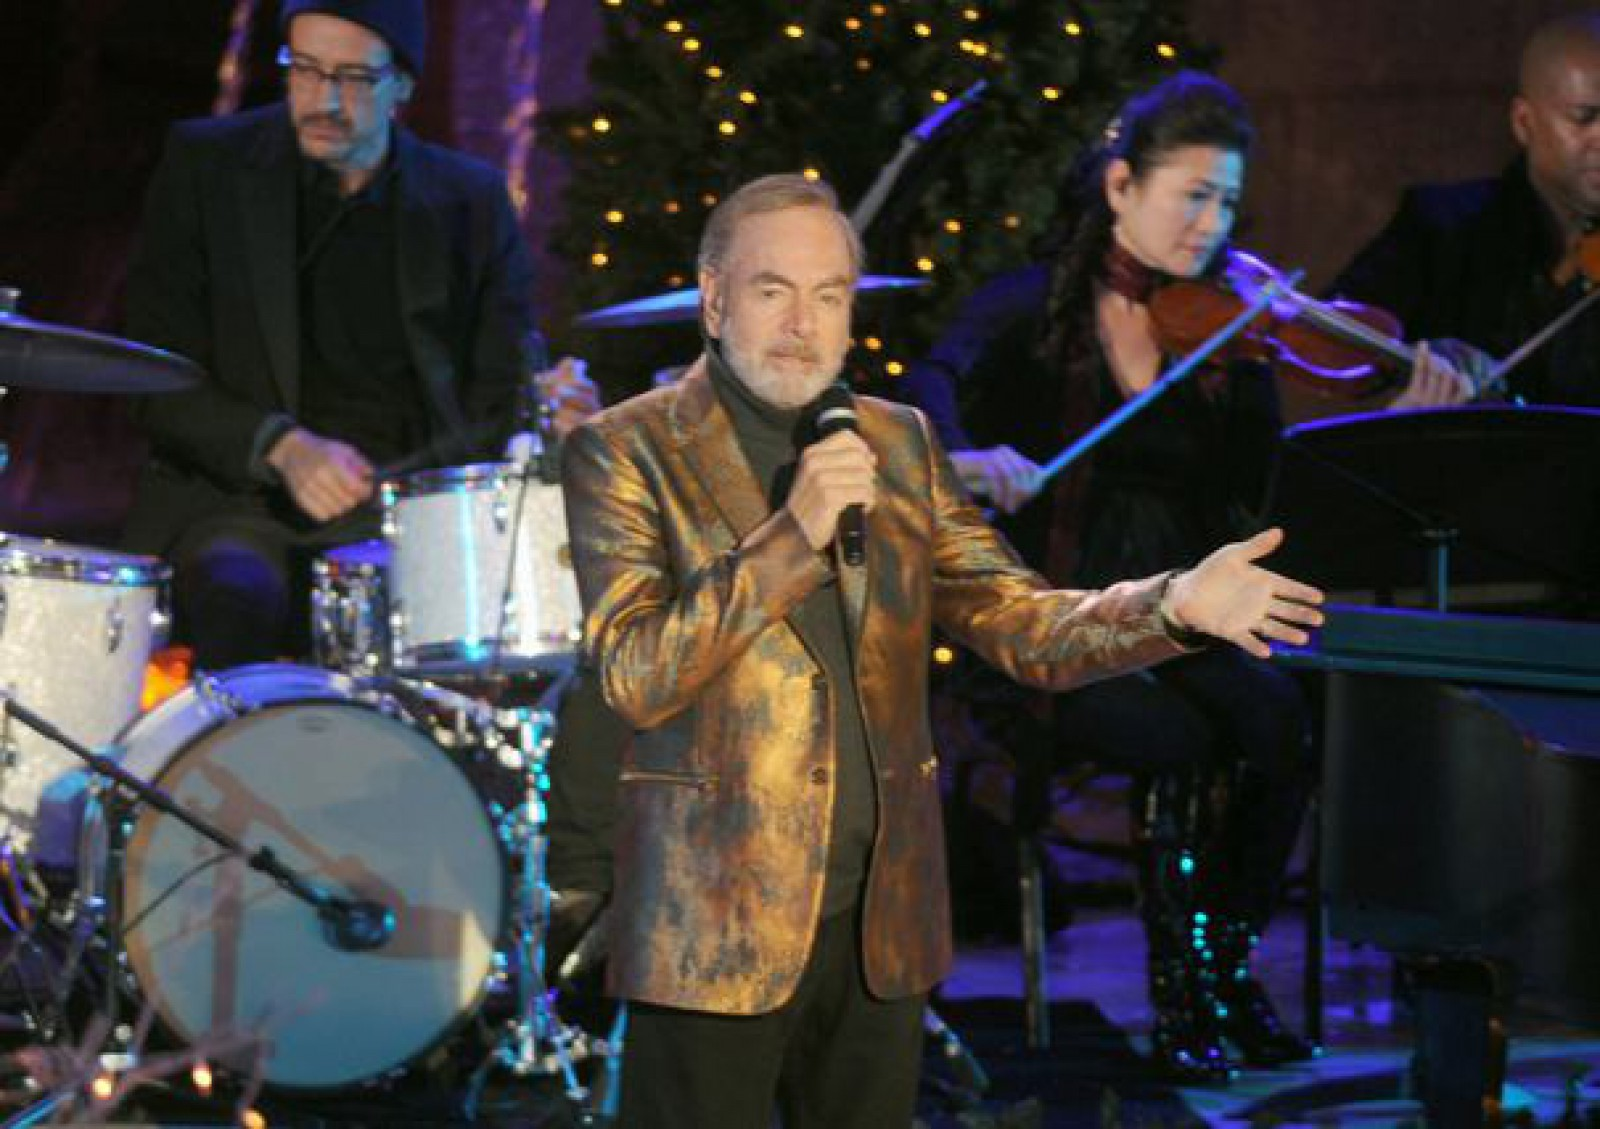 Un celebru cântăreţ anunţă că renunţă definitiv la turnee, după ce a fost diagnosticat cu maladia Parkinson